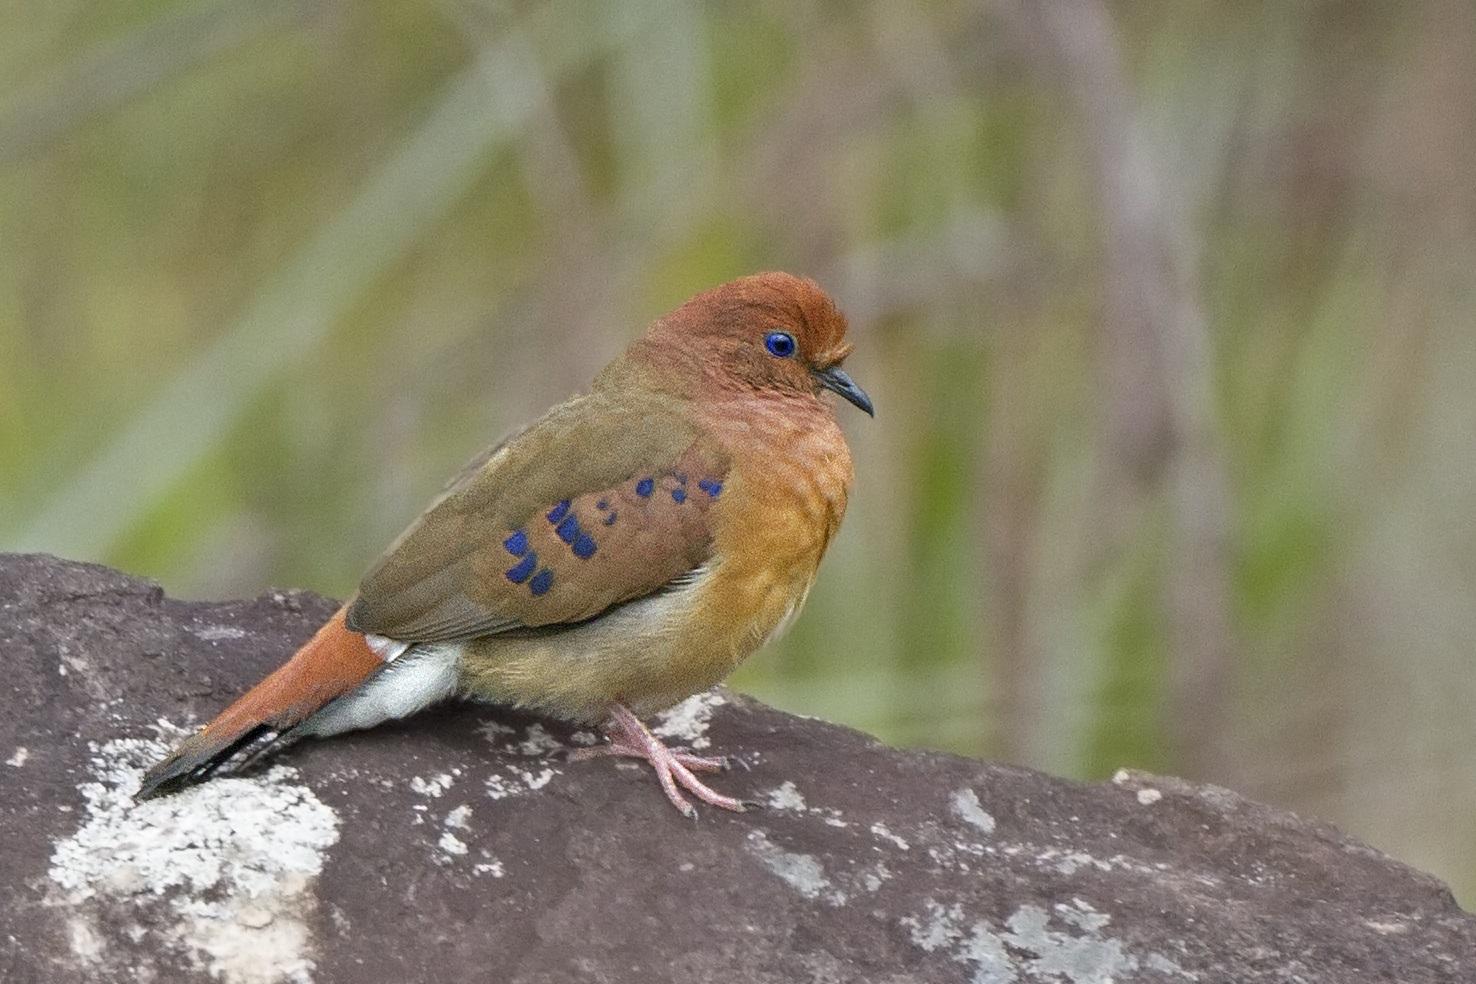 Ave brasileira considerada uma das mais raras do mundo é redescoberta 75 anos após o último registro comprovado da espécie